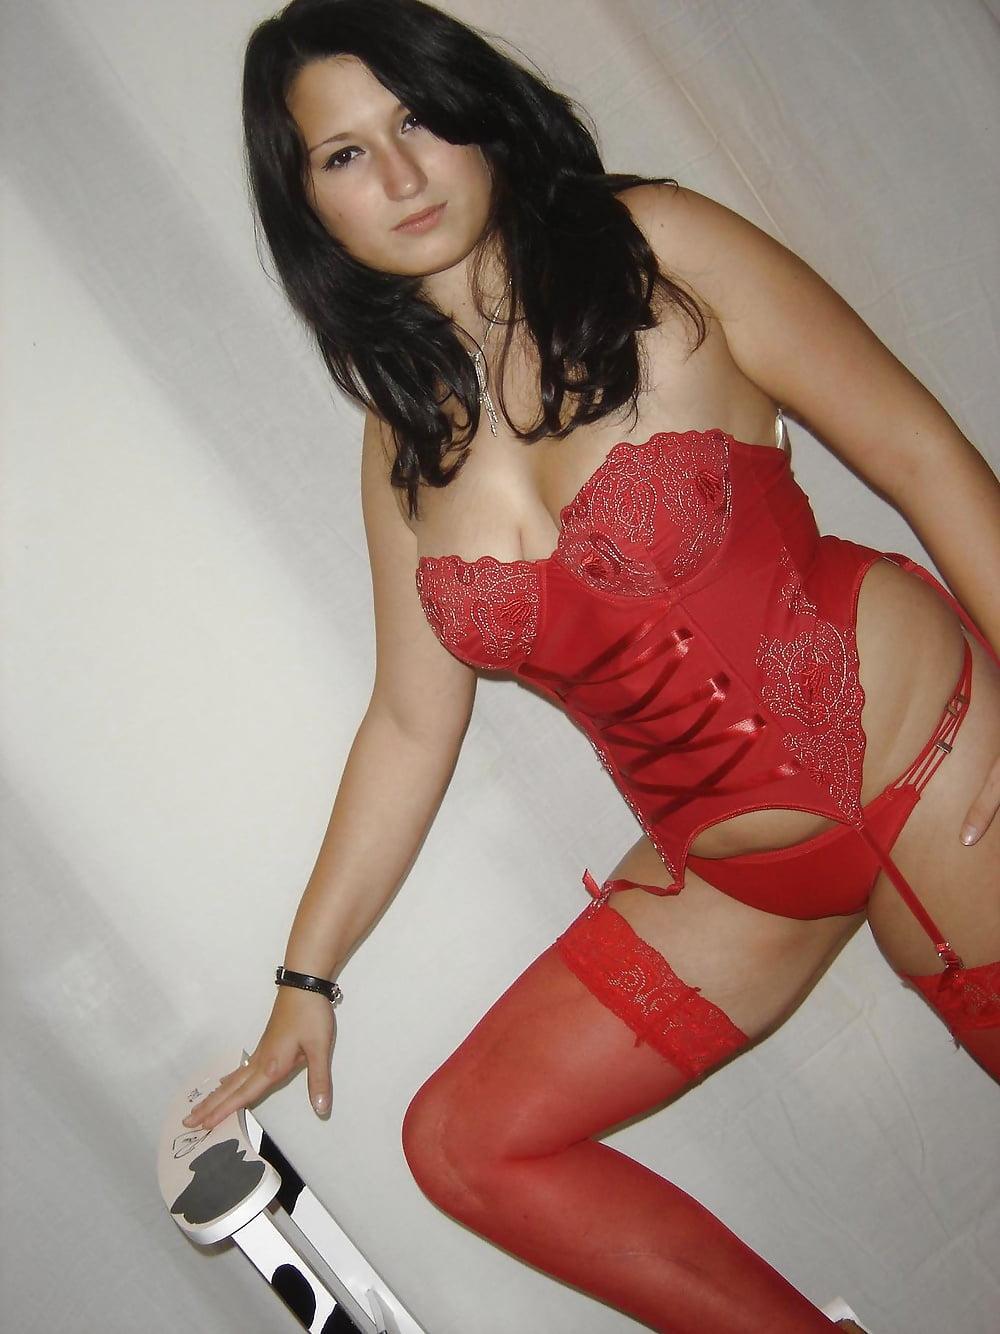 Найти проститутку в нижнем новгороде